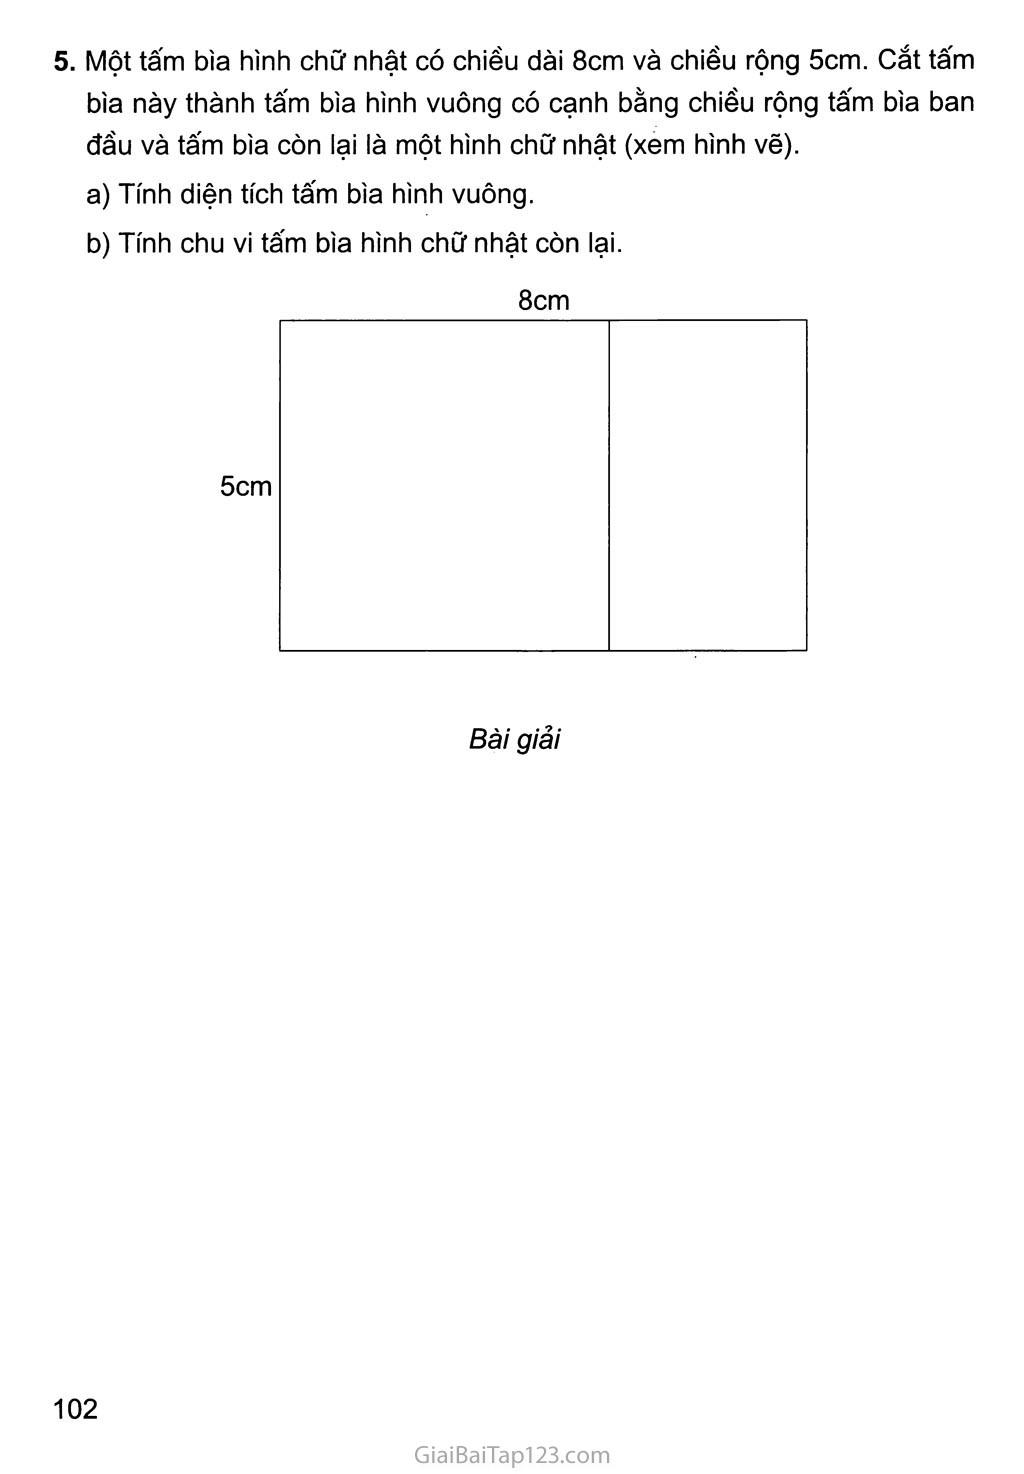 Bài 169: Luyện tập chung trang 2